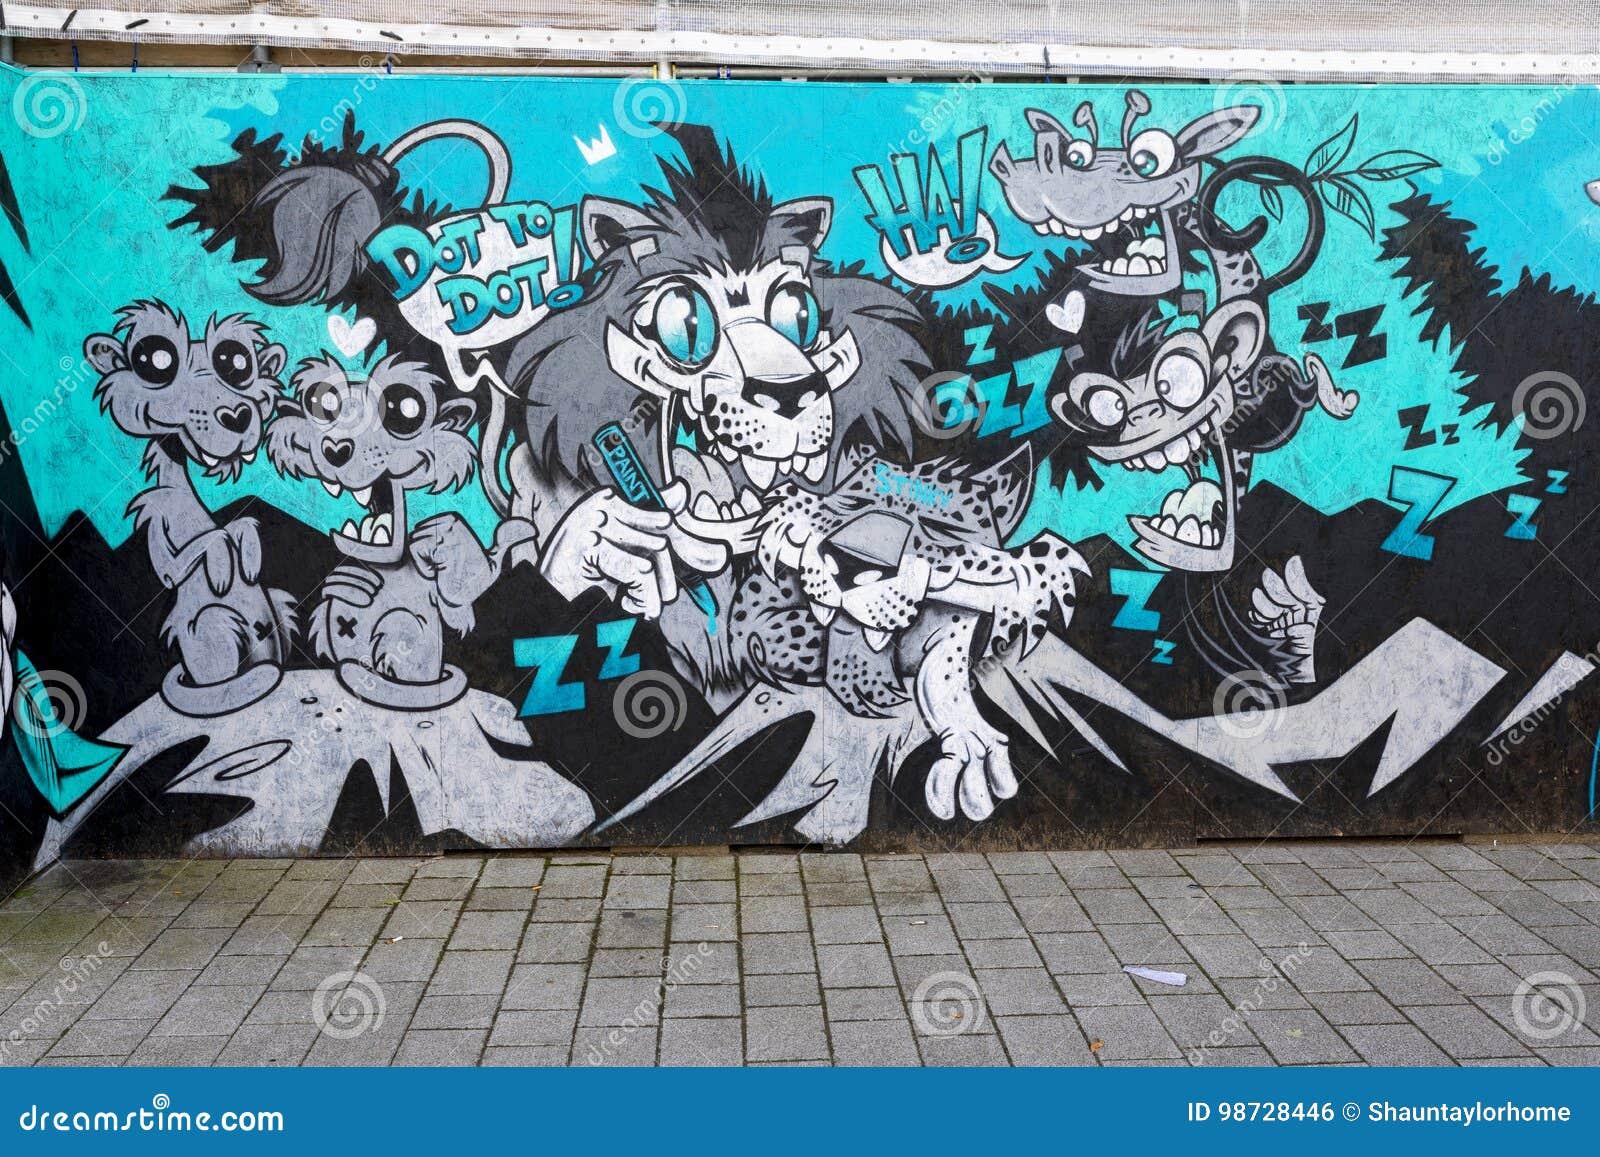 唐卡斯特街道艺术墙壁上的疯狂的动物